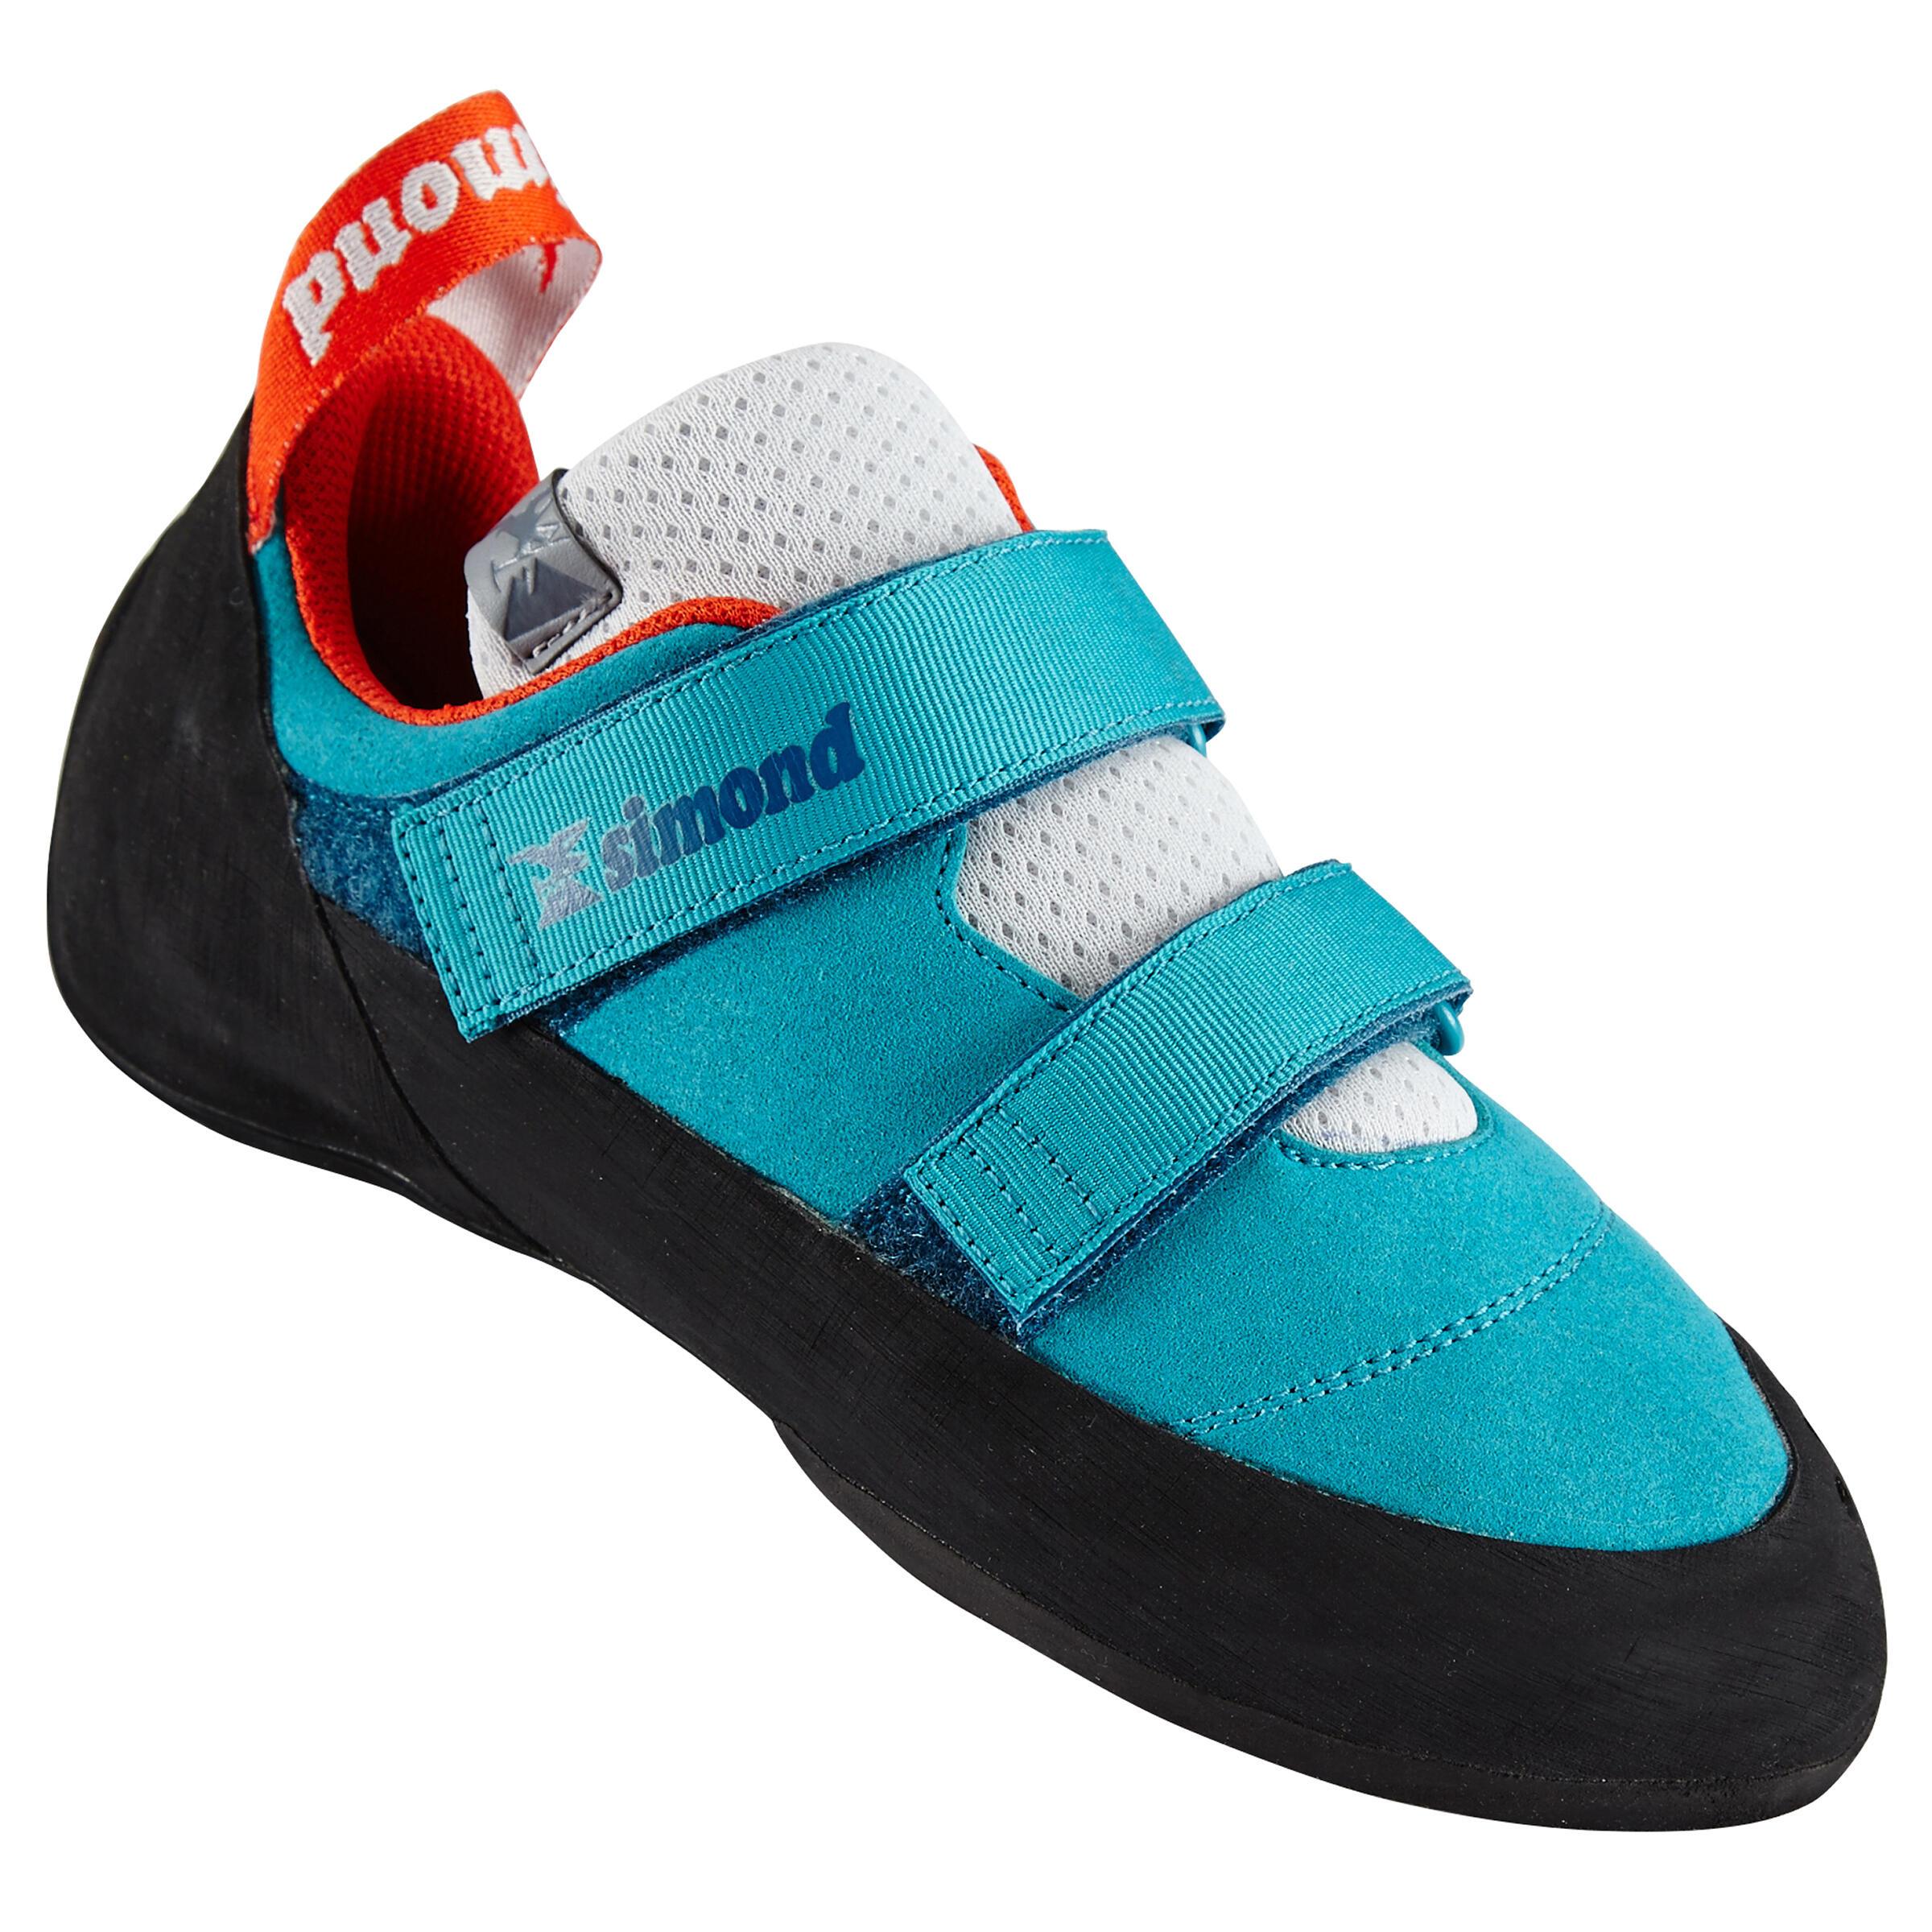 Kletterschuhe Rock+ Kinder/Erwachsene   Schuhe > Outdoorschuhe > Kletterschuhe   Simond